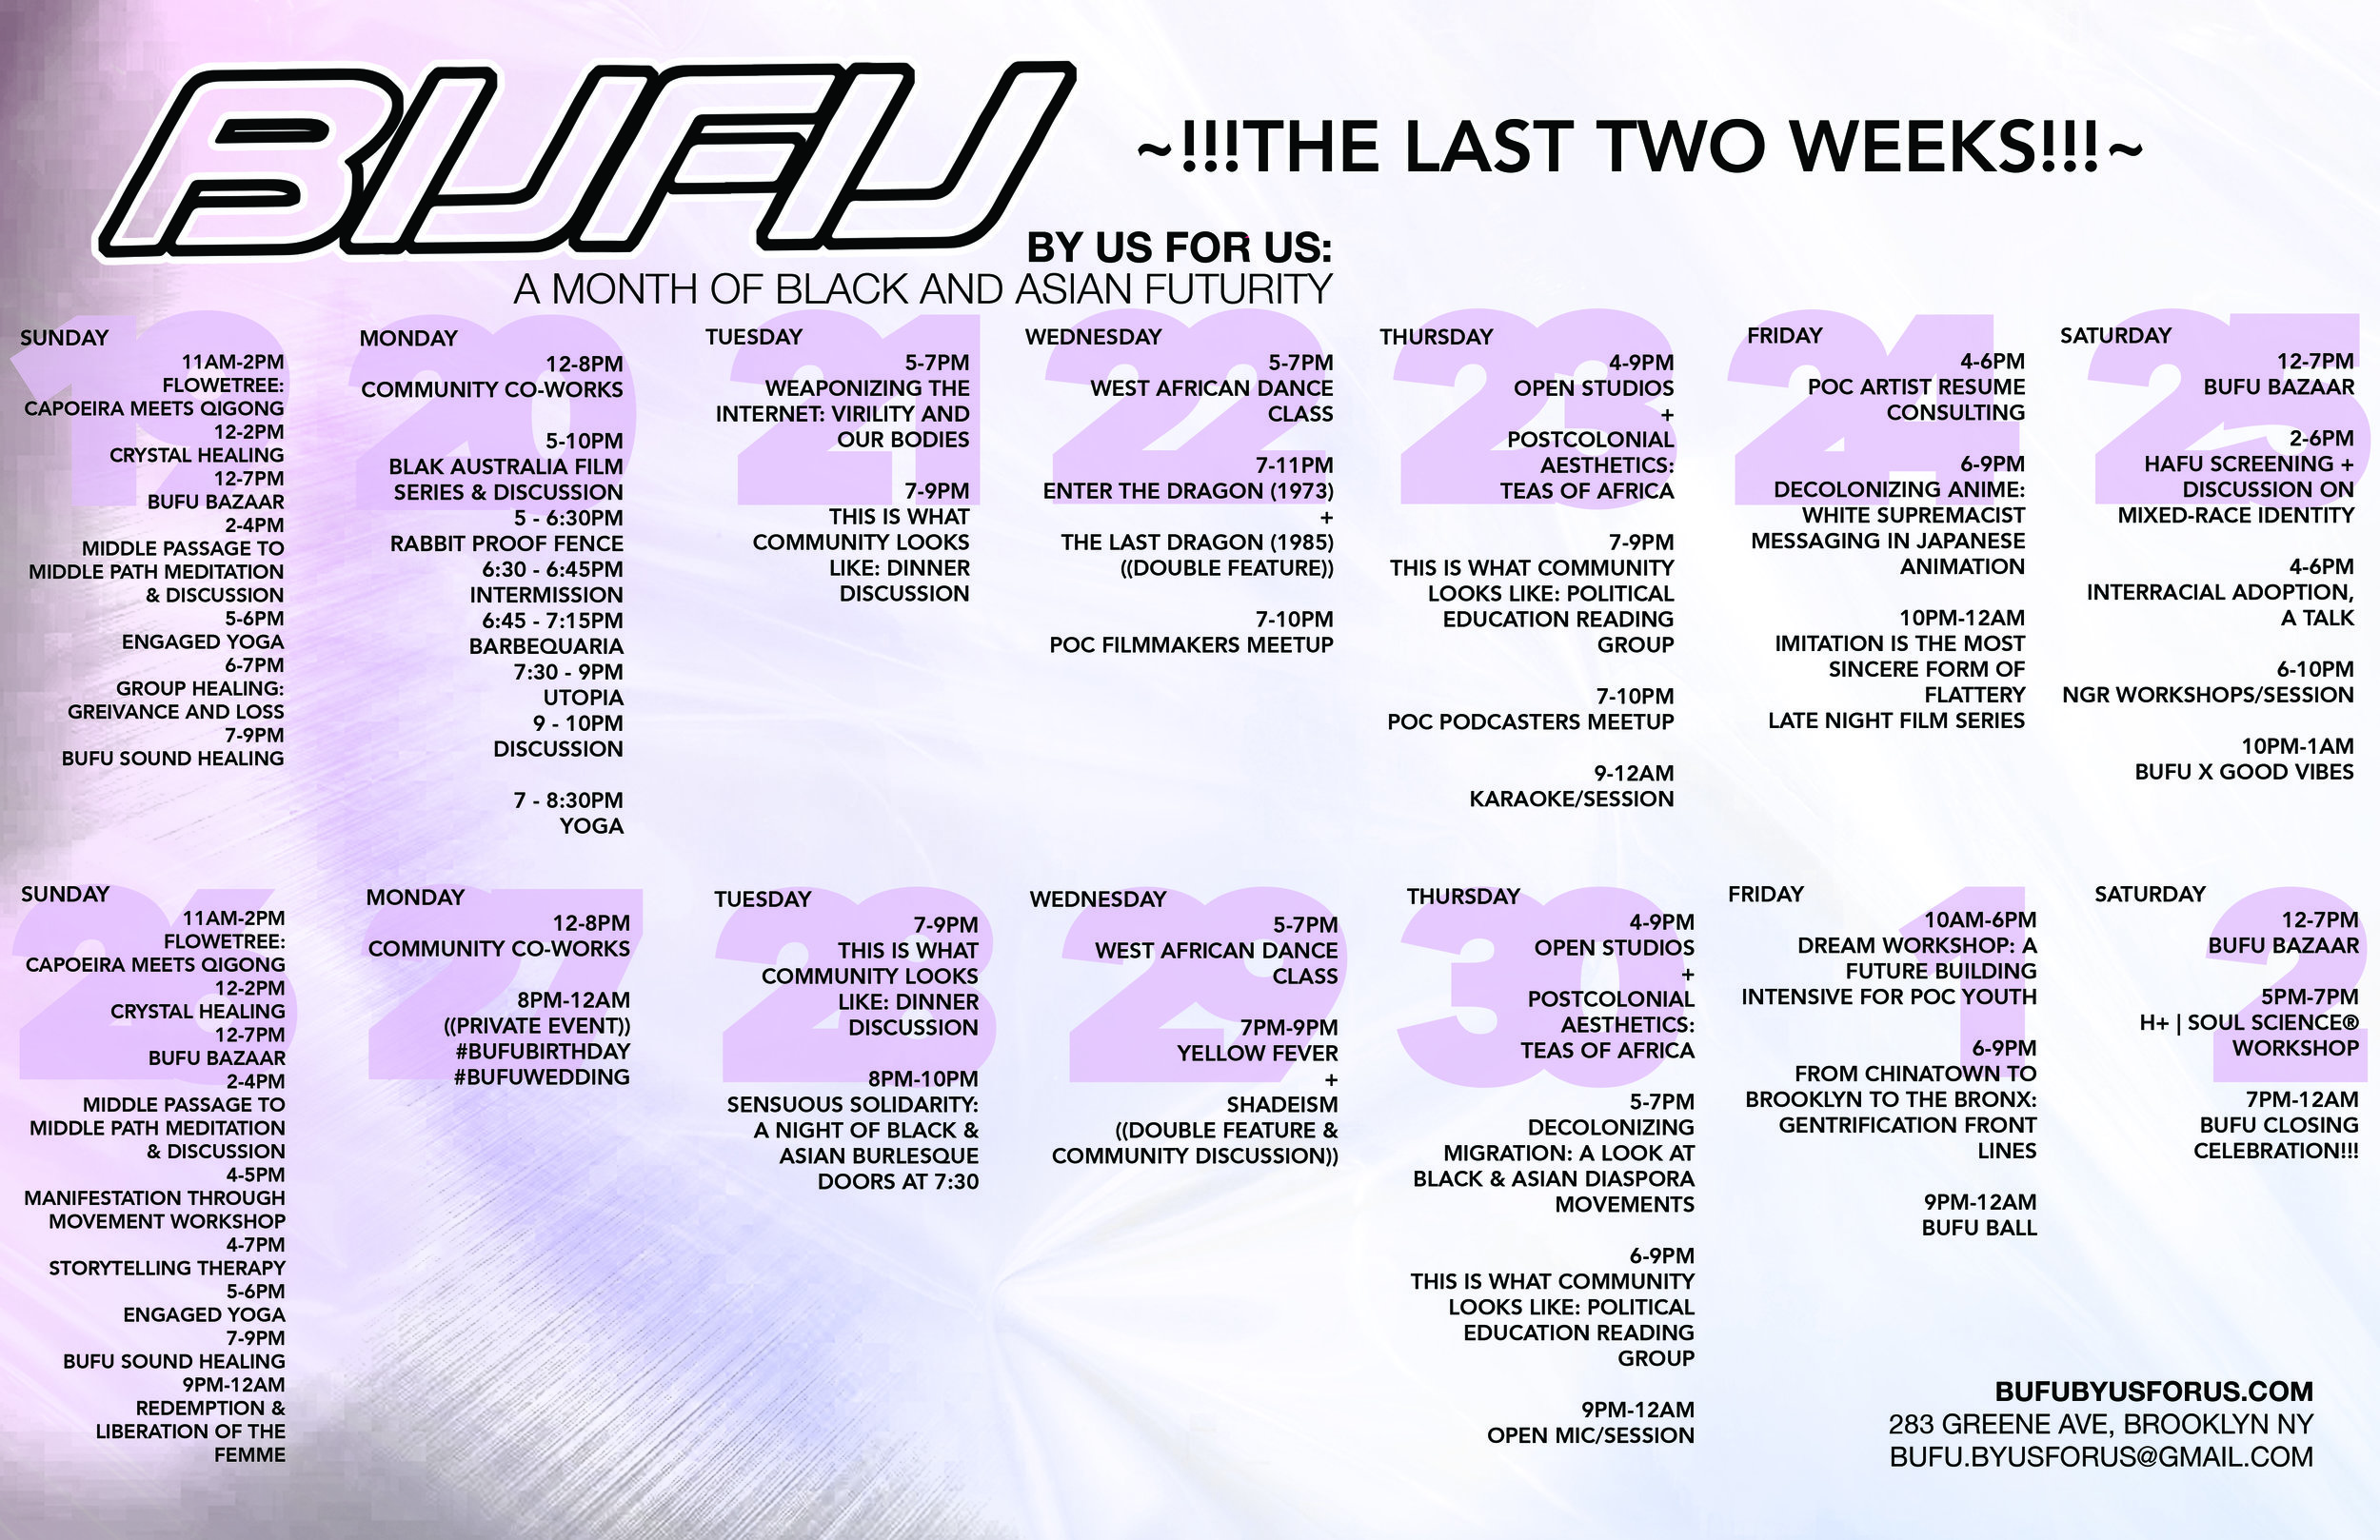 Calendar of our last 2 weeks